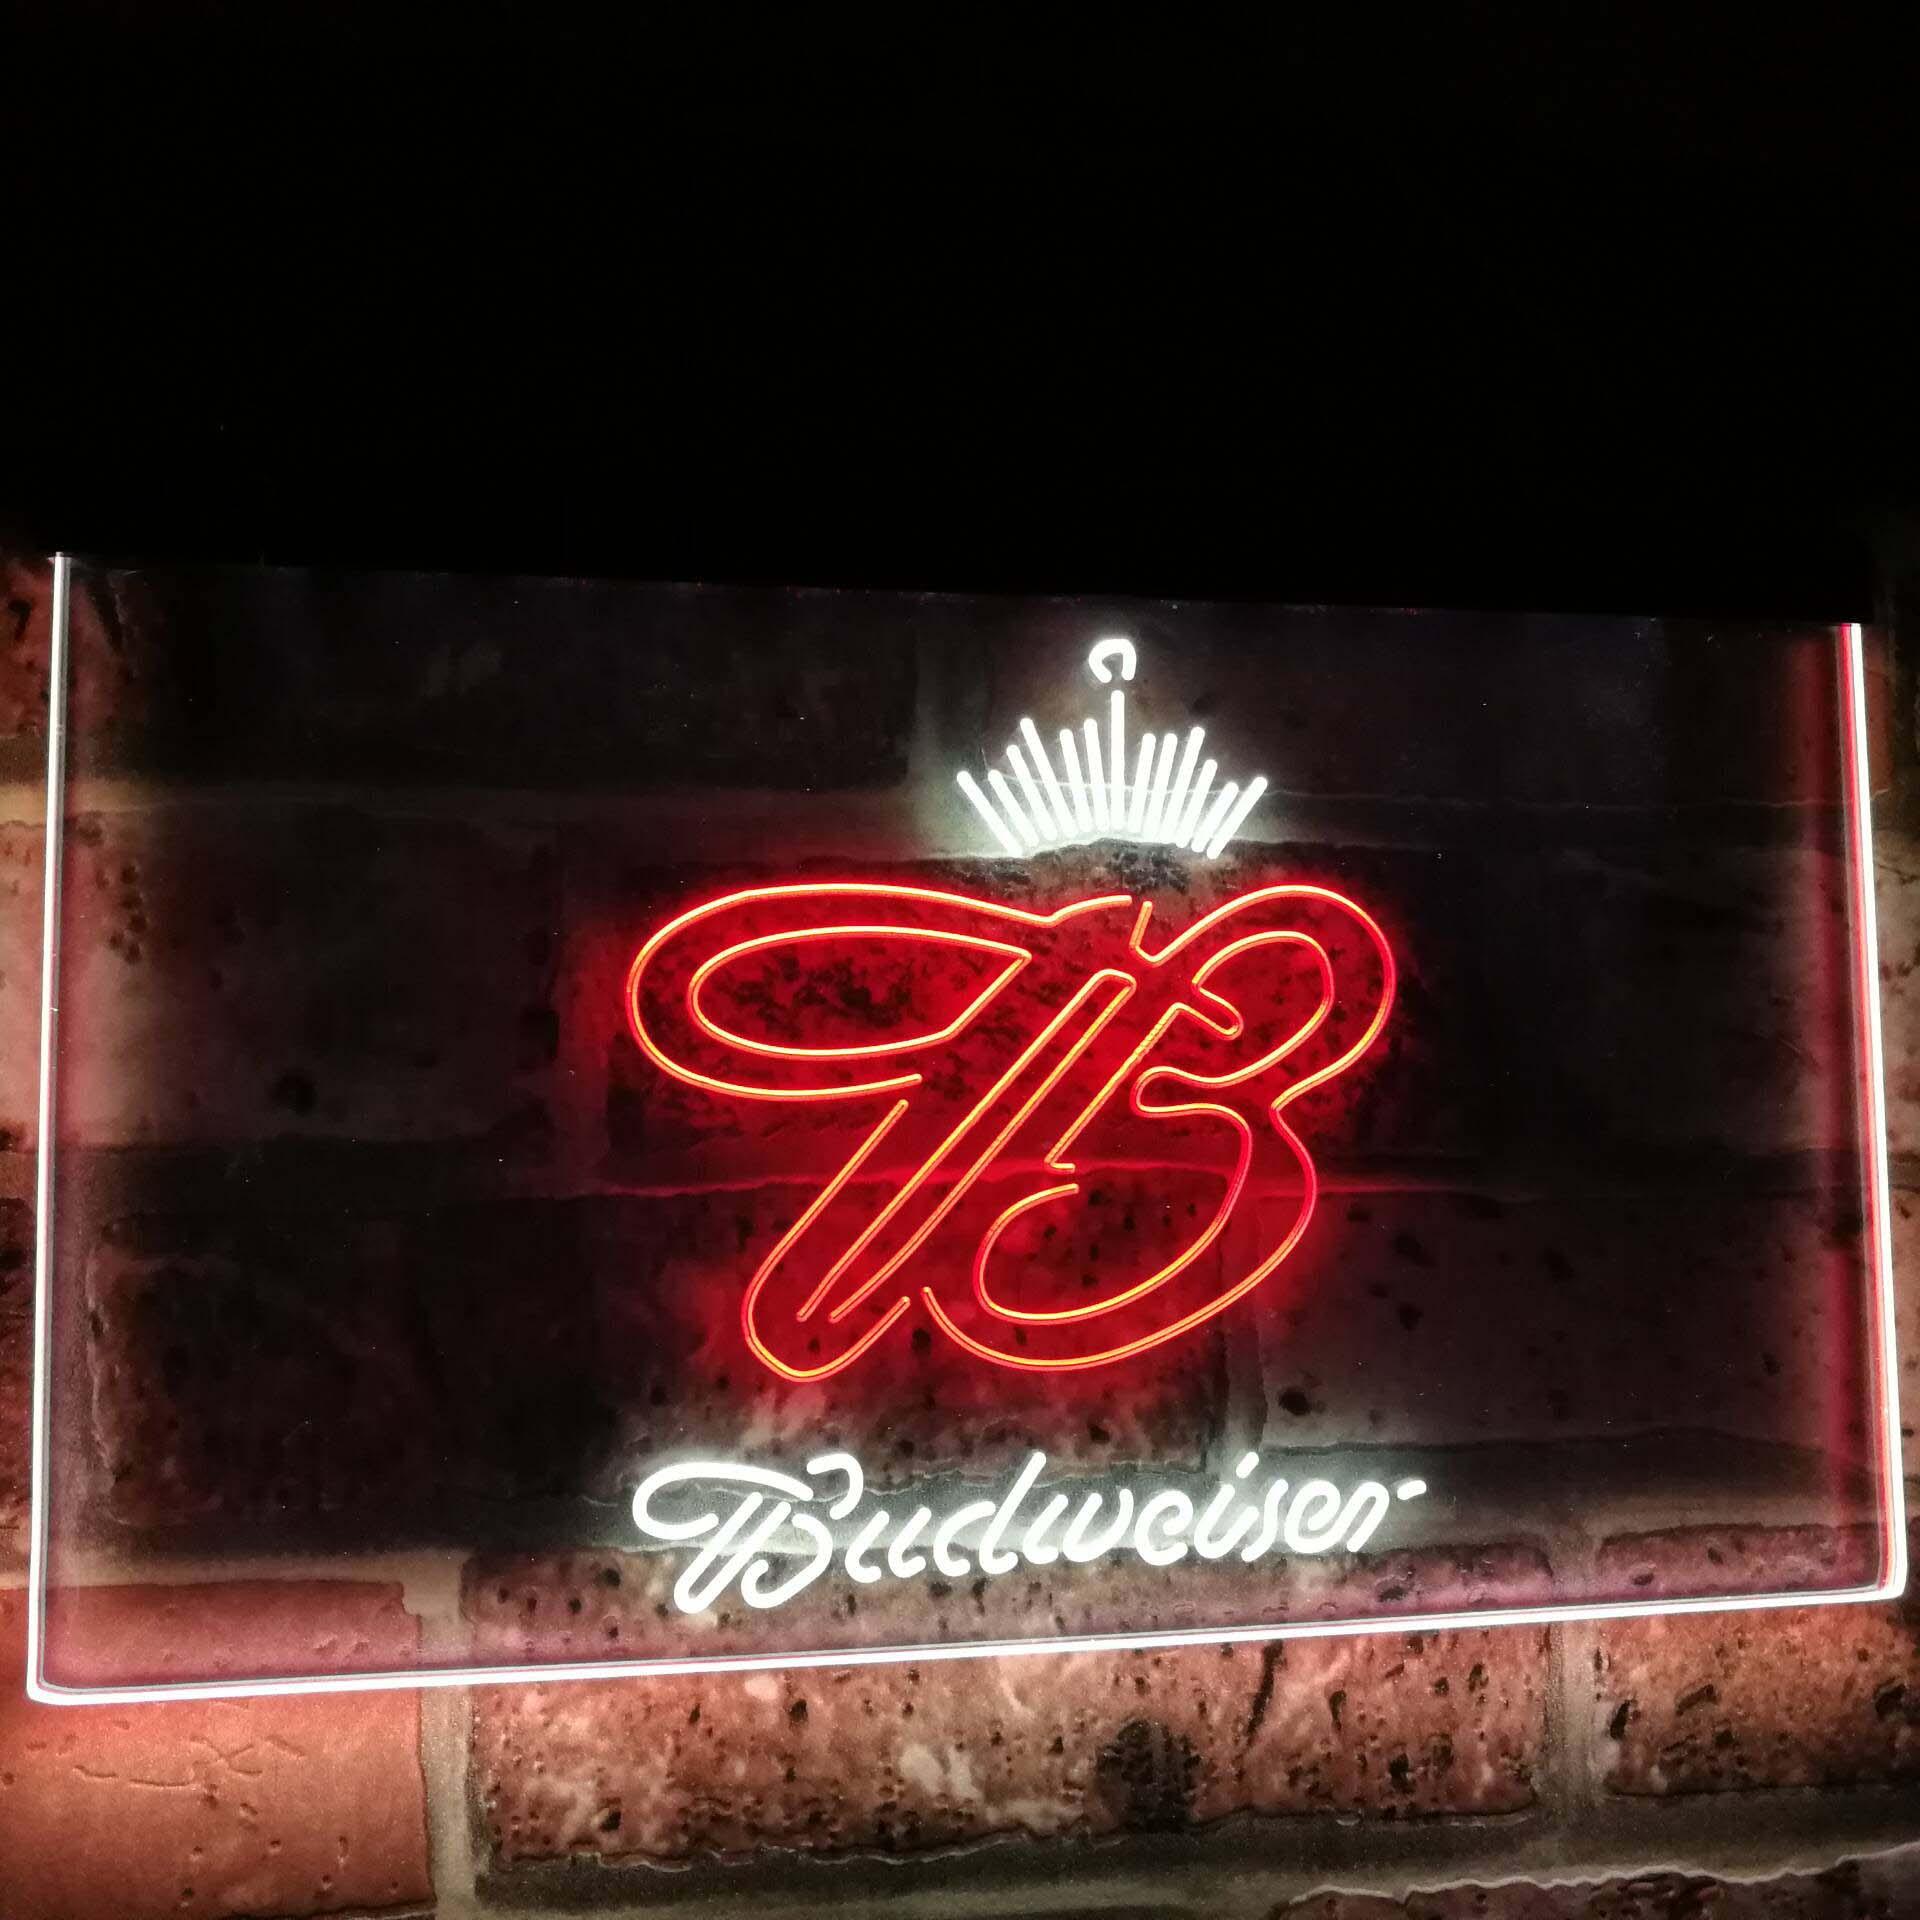 Budweiser couronne roi bière Bar décoration cadeau double couleur Led néon signe st6-a2006